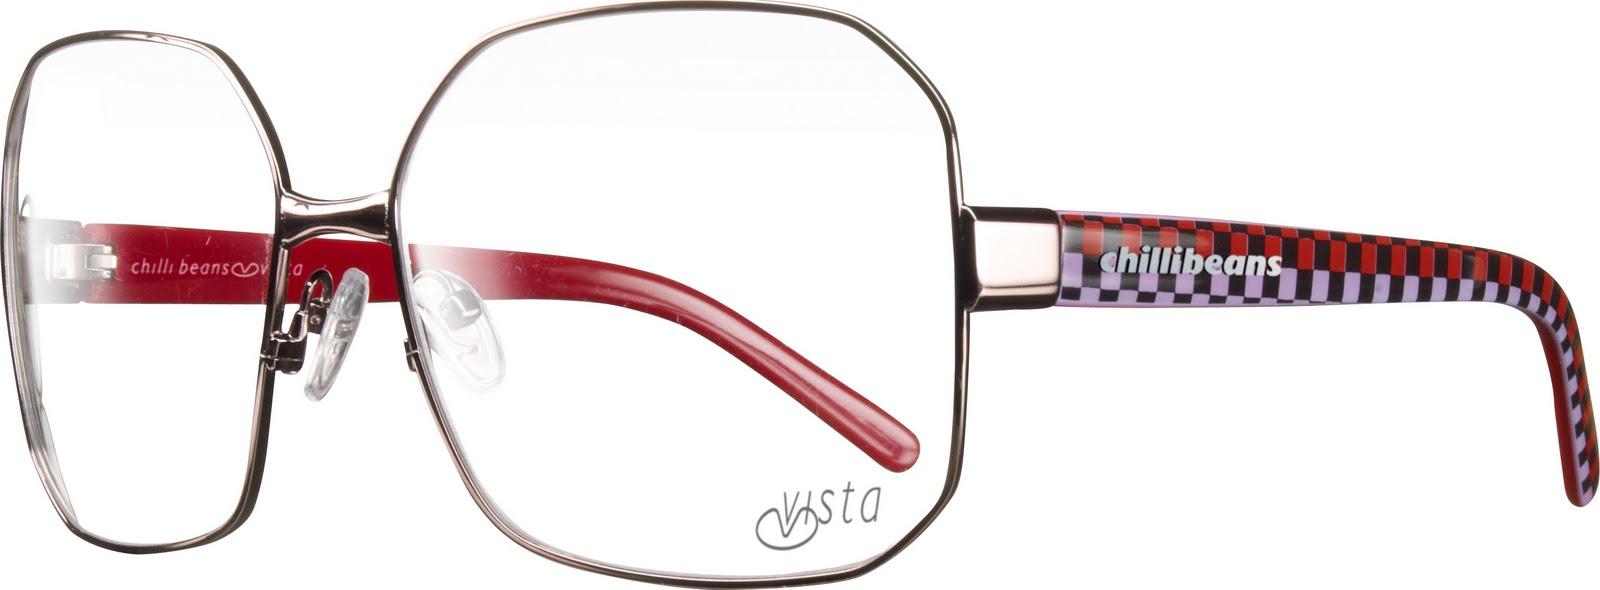 902bae877c79e A Chilli Beans lança neste mês de setembro a Linha Vista, sua primeira  linha de armações para óculos de grau. Investindo em cores e materiais  diferenciados, ...